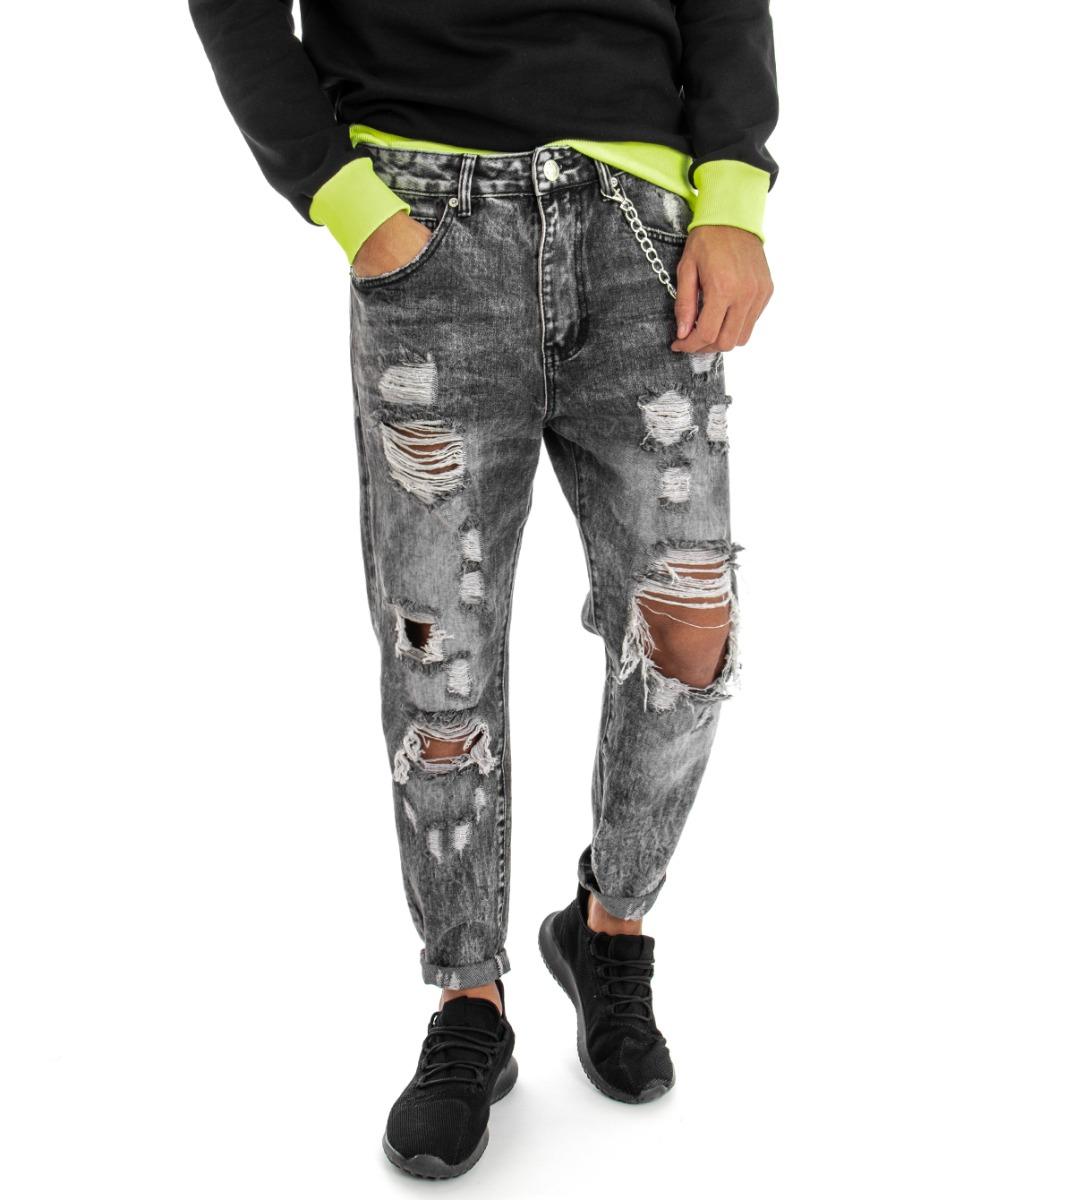 Pantalone-Uomo-Jeans-Grigio-Cinque-Tasche-Rotture-Cavallo-Basso-Strappato-Reg